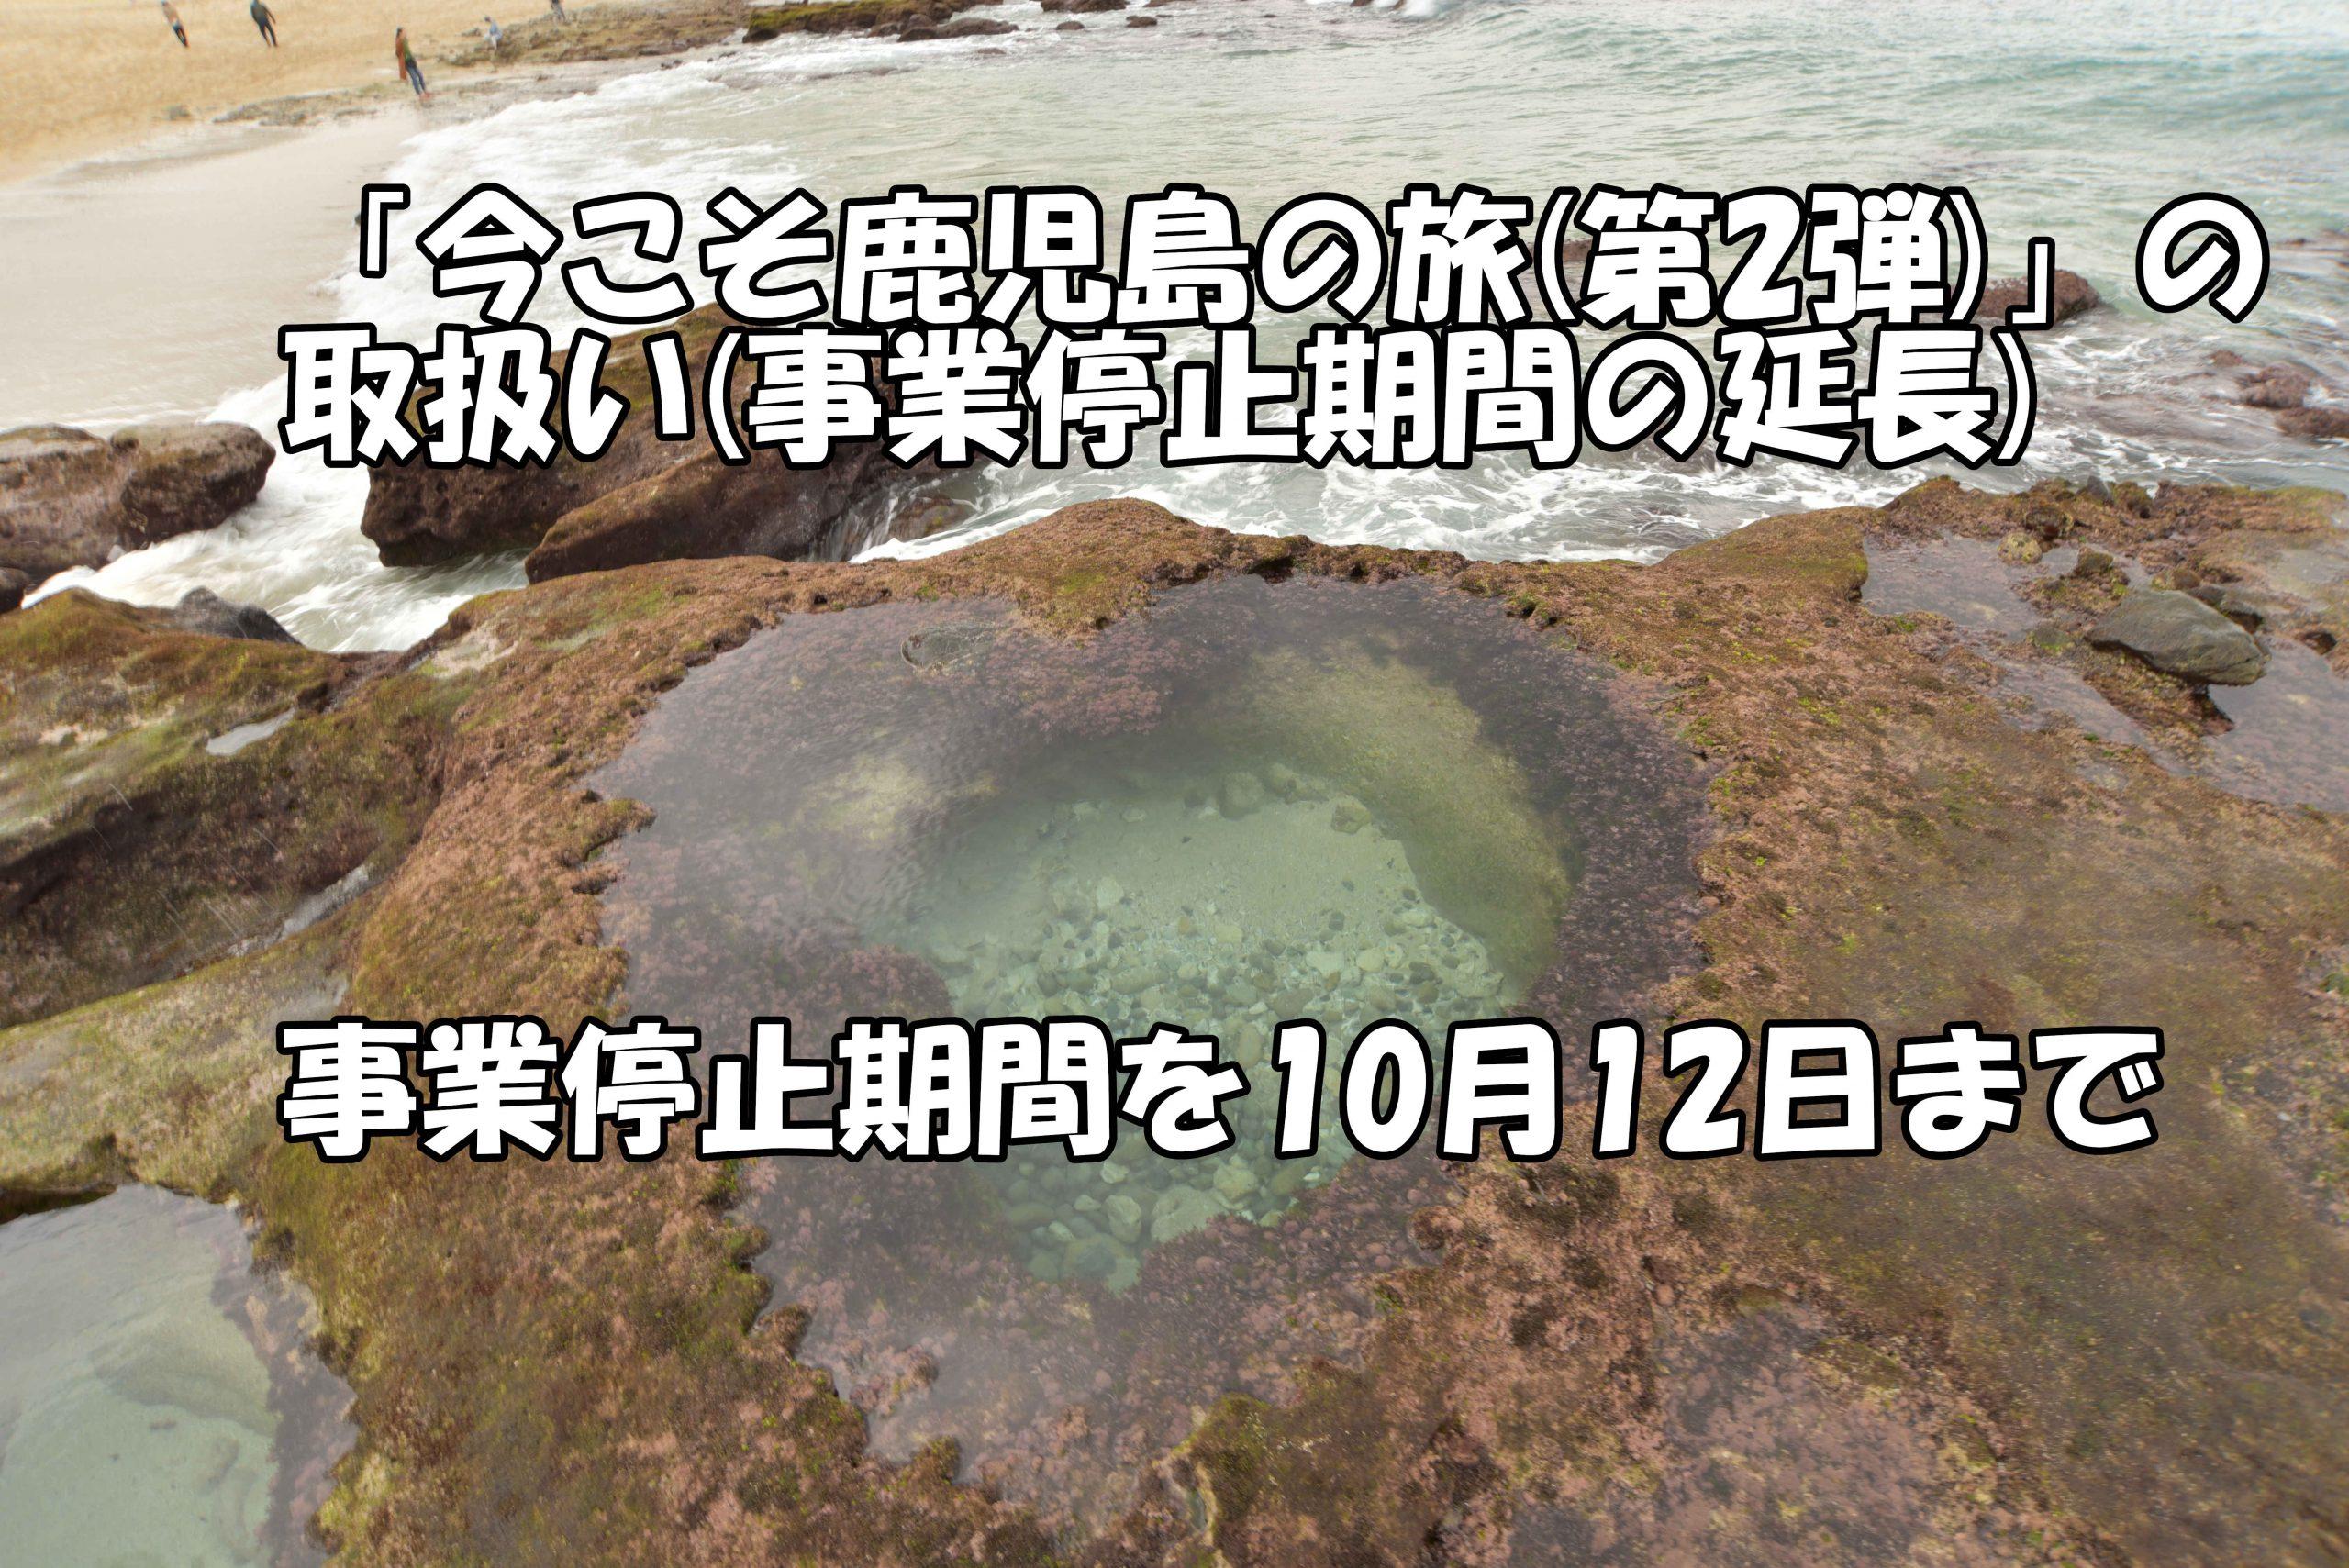 「今こそ鹿児島の旅事業(第2弾)」事業停止期間延長! イメージ画像